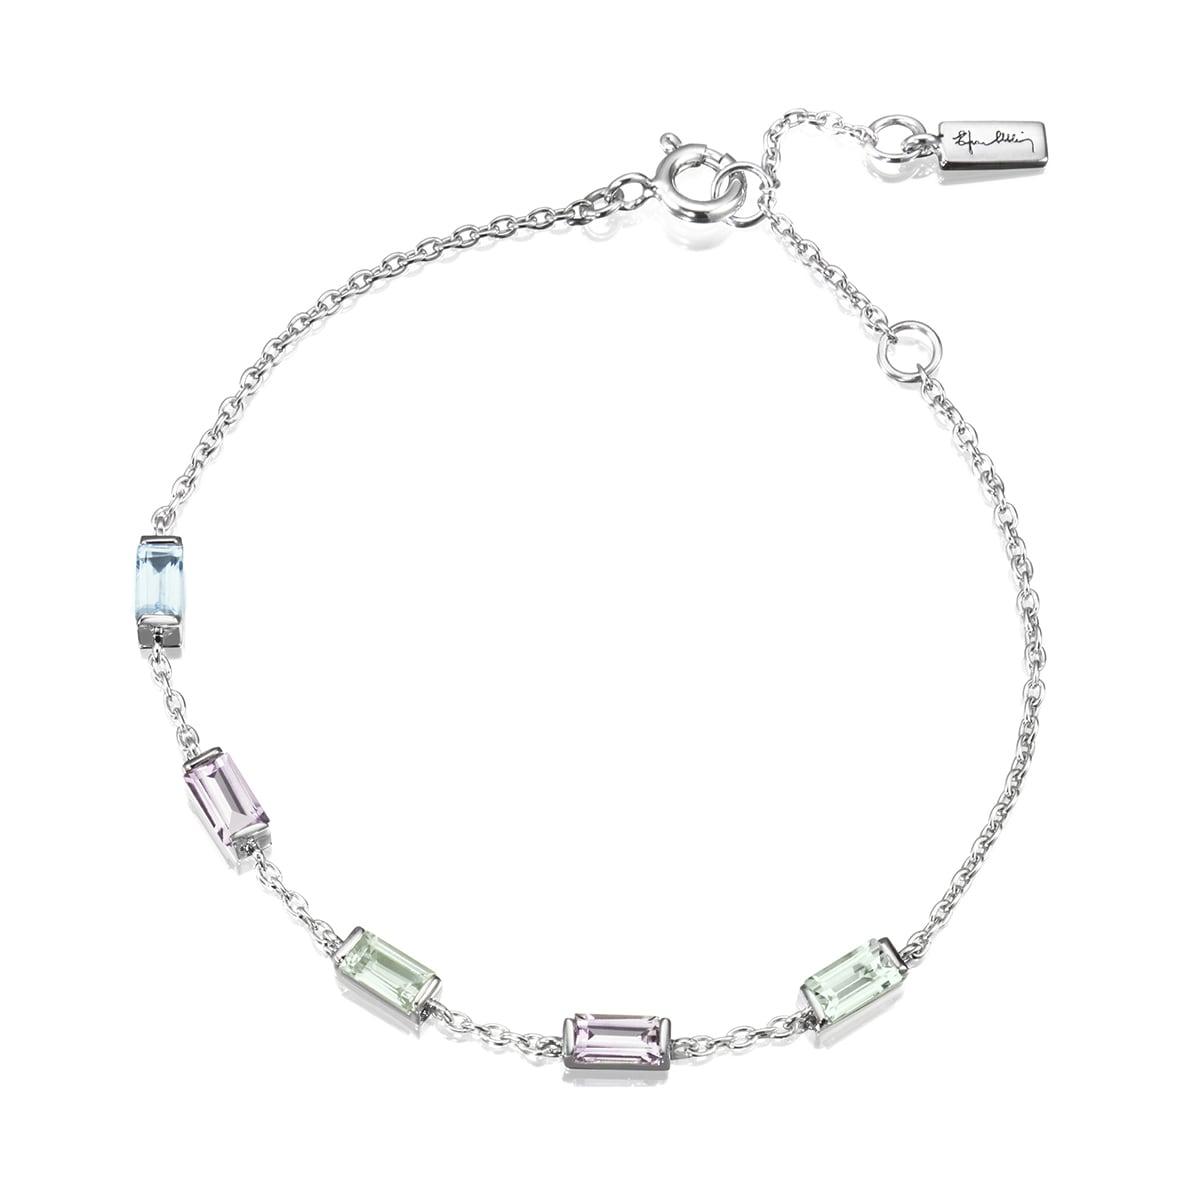 Efva_Attling_smycken_A Dream Bracelet 14-100-01587(1)_hos_Jarl_Sandin